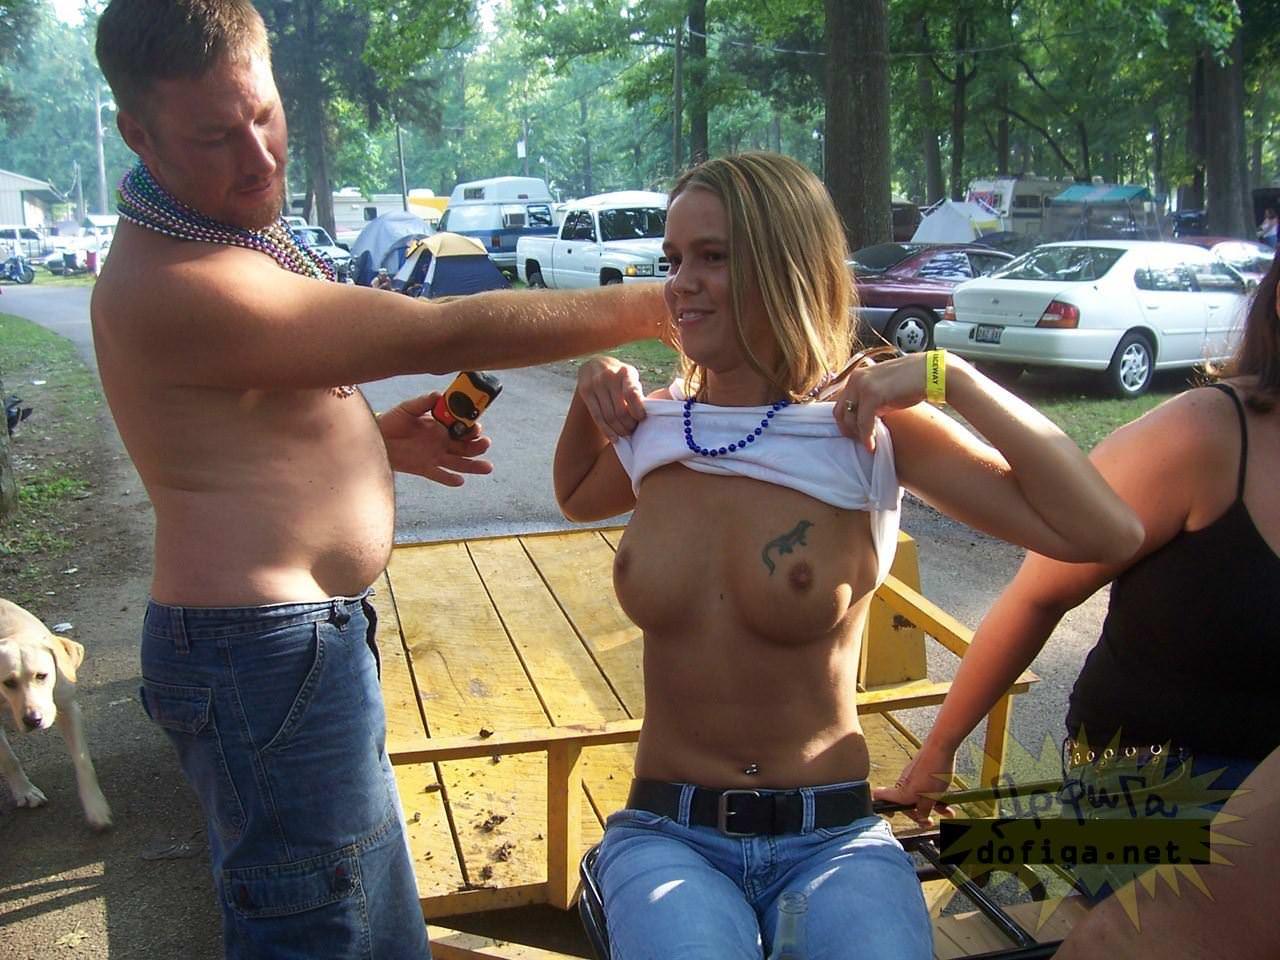 【外人】勿体ぶらずにバンバン全裸を晒すロシア人の露出狂ポルノ画像 3321